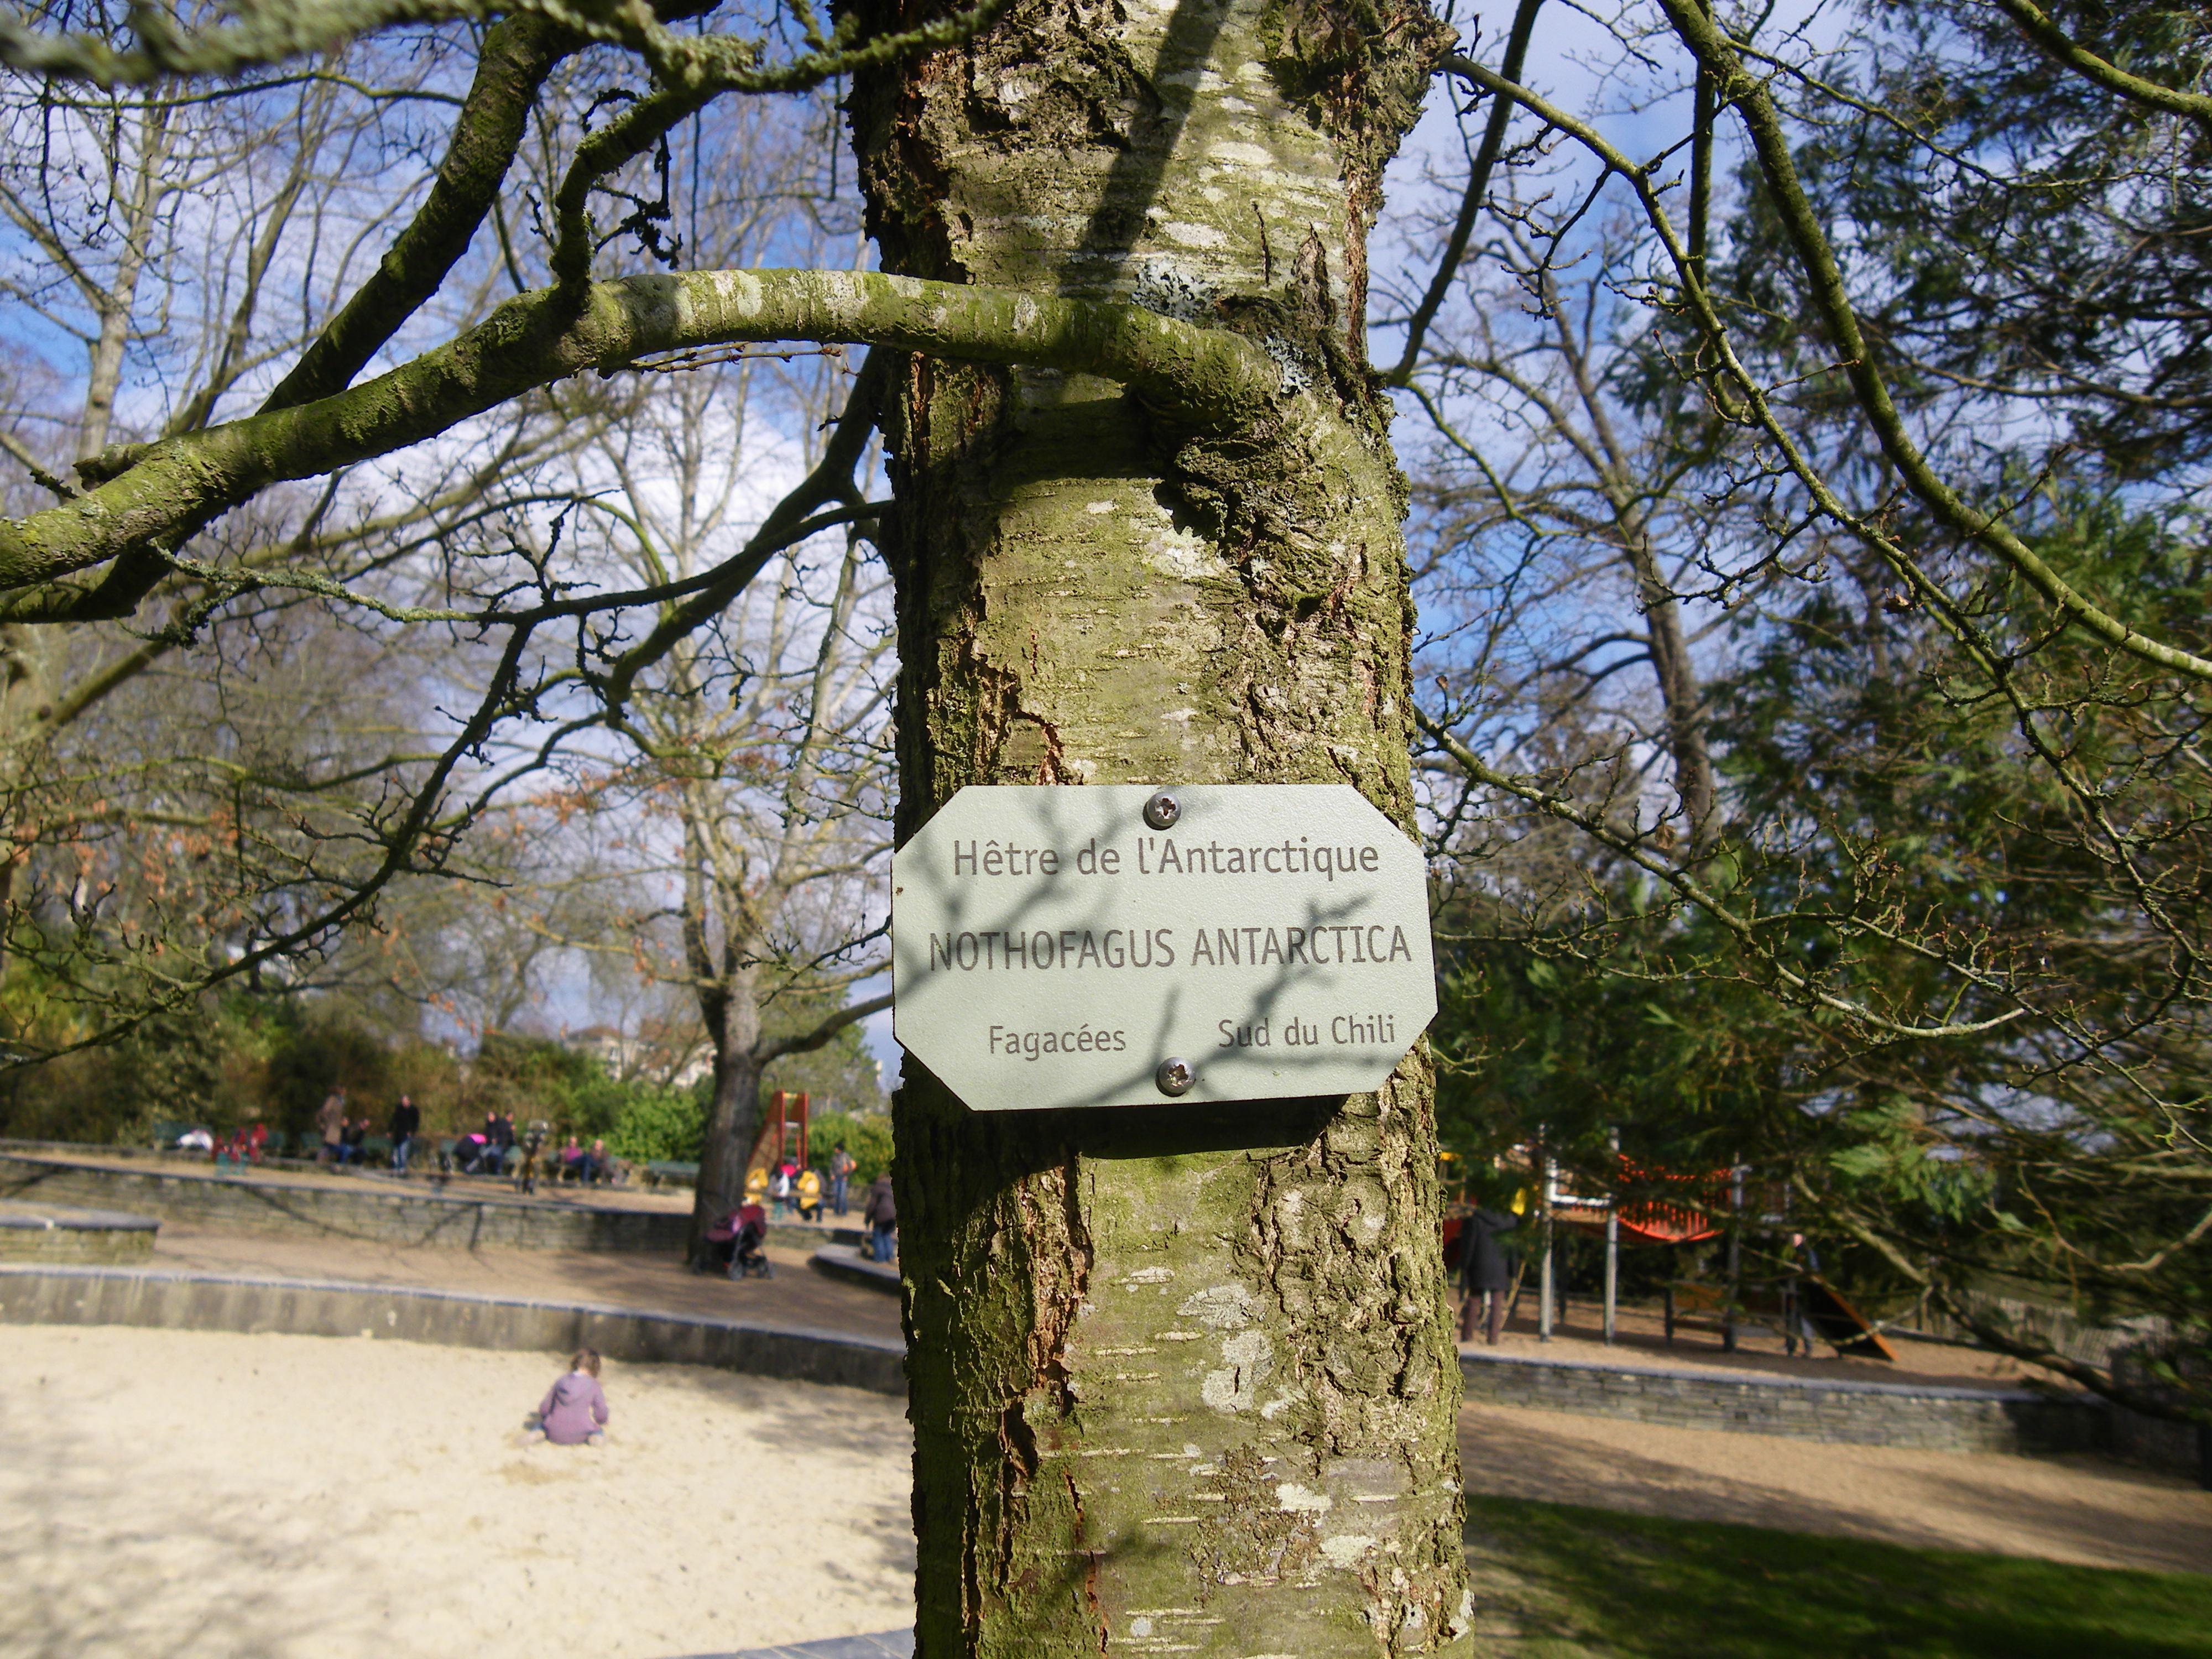 Rencontre Femme Grosse à Lyon. Plan Cul Avec Femmes Rondes Sur Lyon